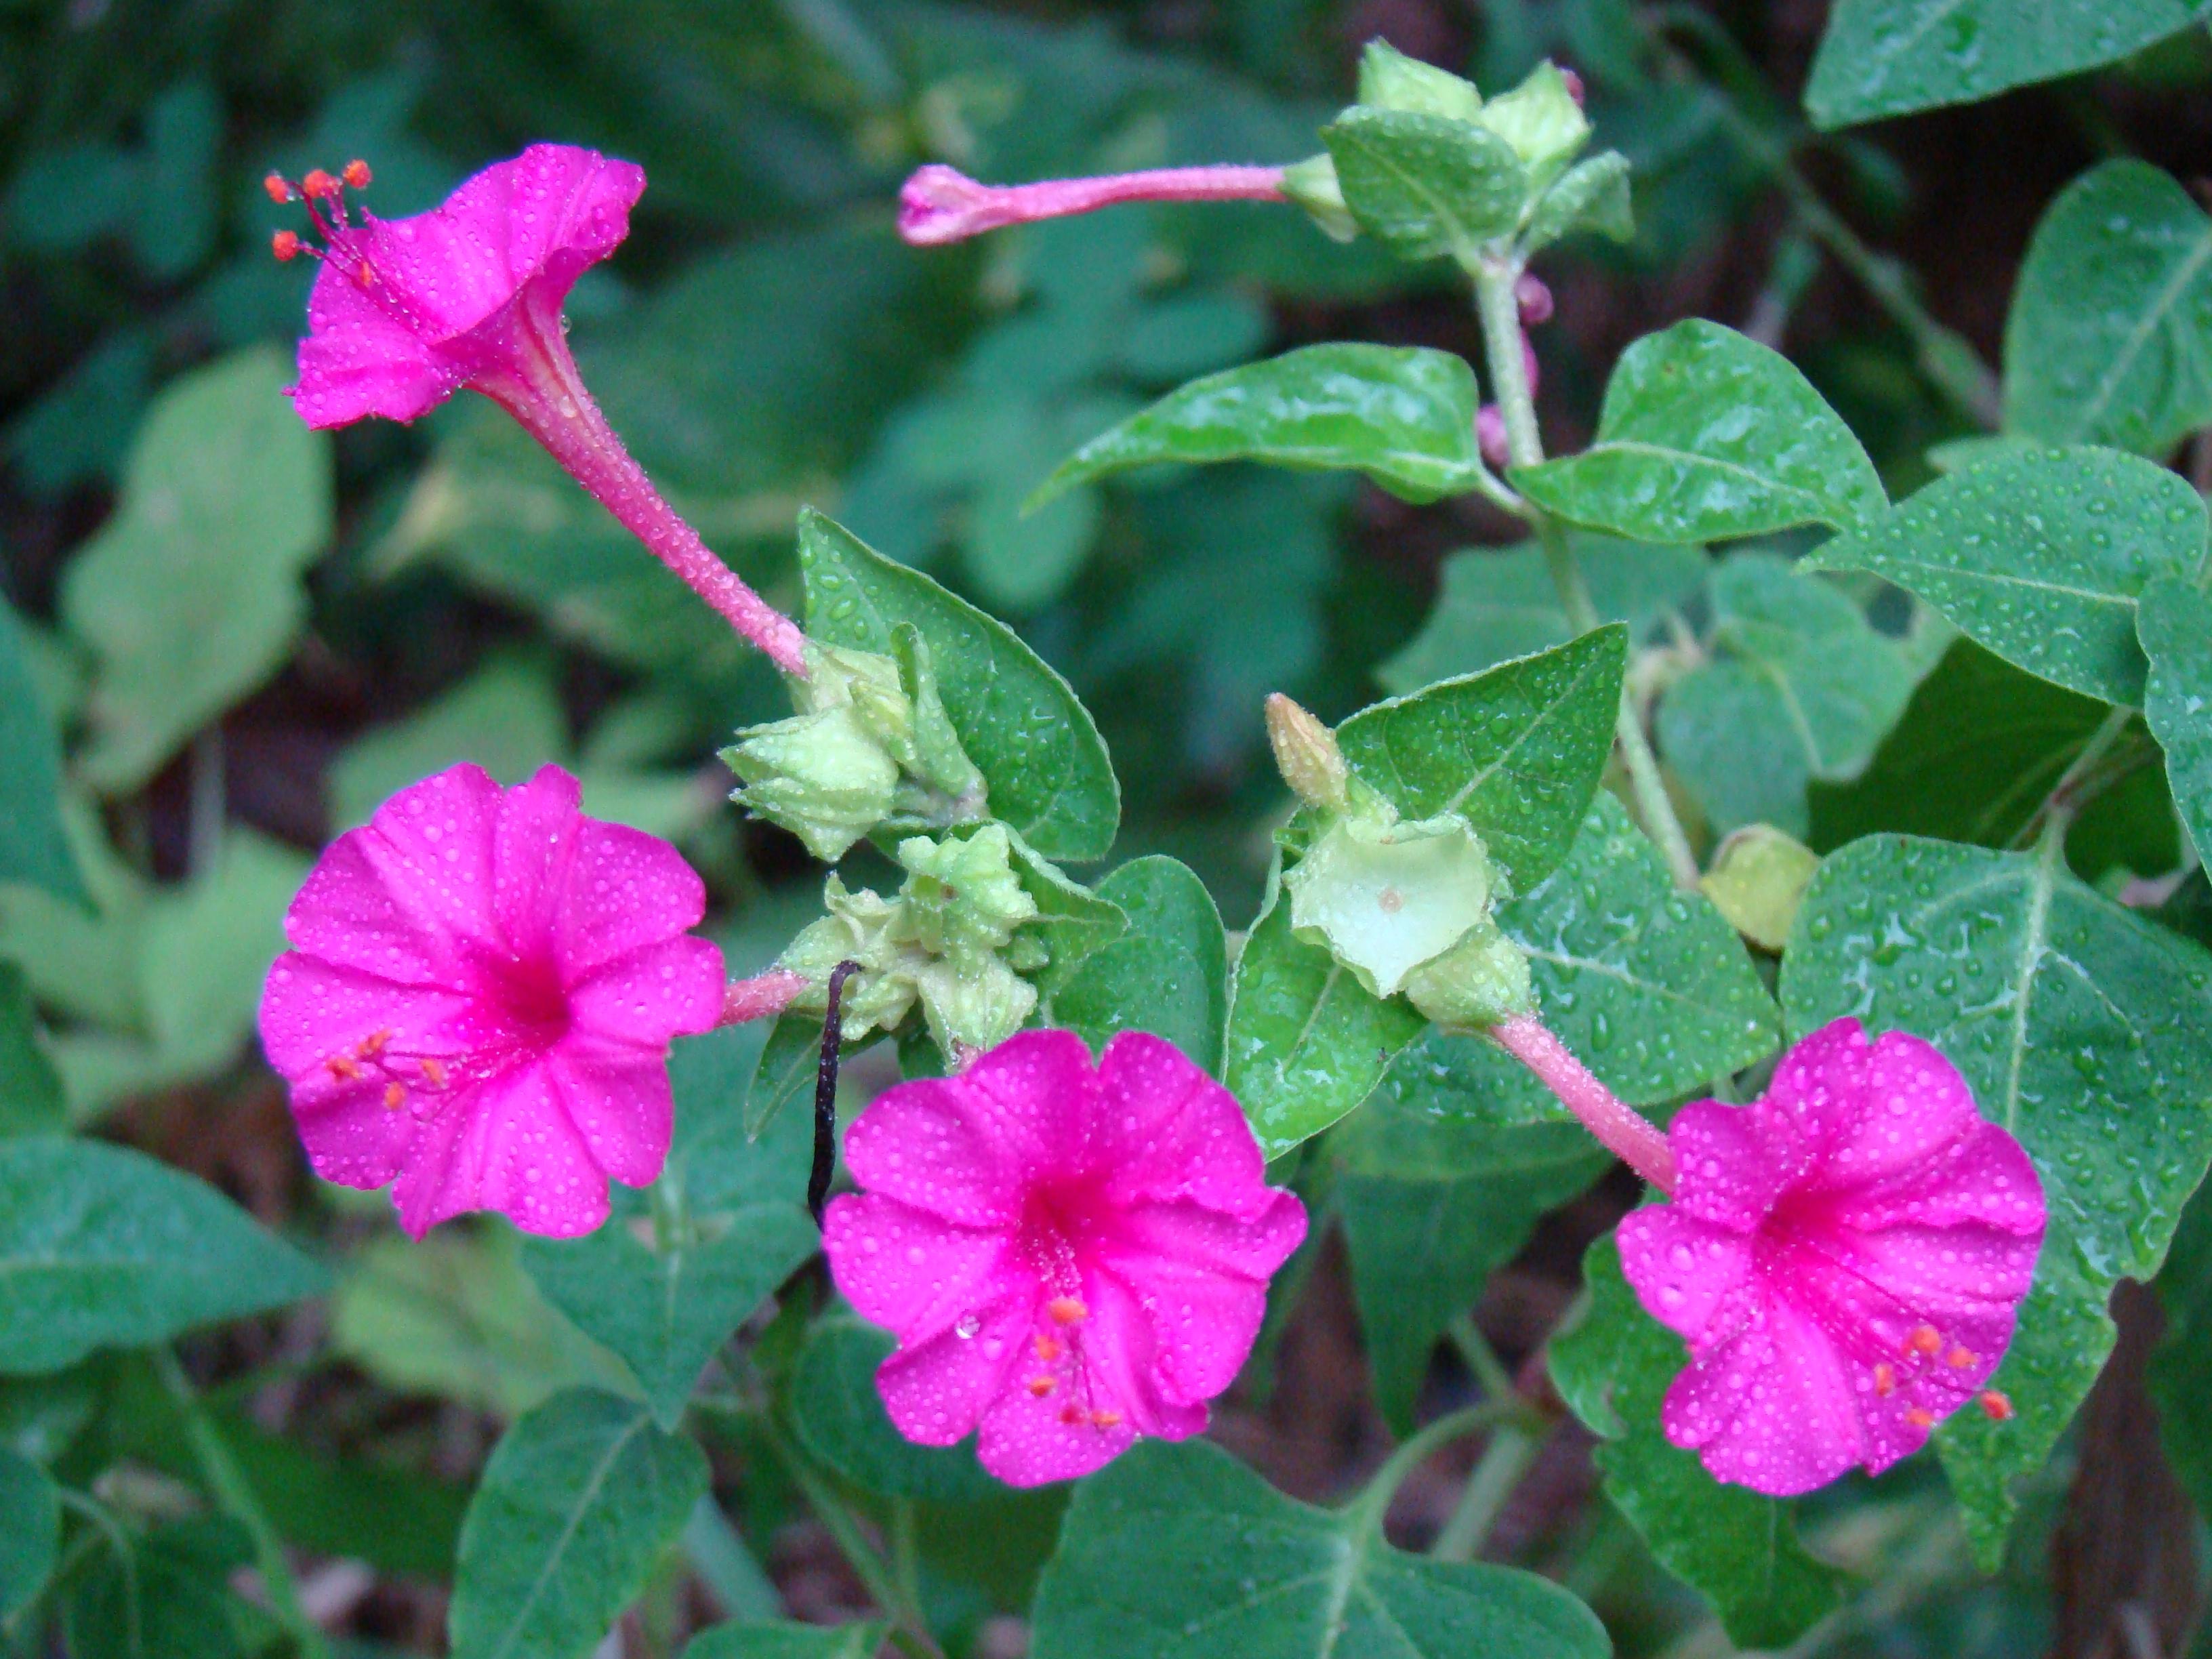 Maravilha Planta Wikipédia A Enciclopédia Livre